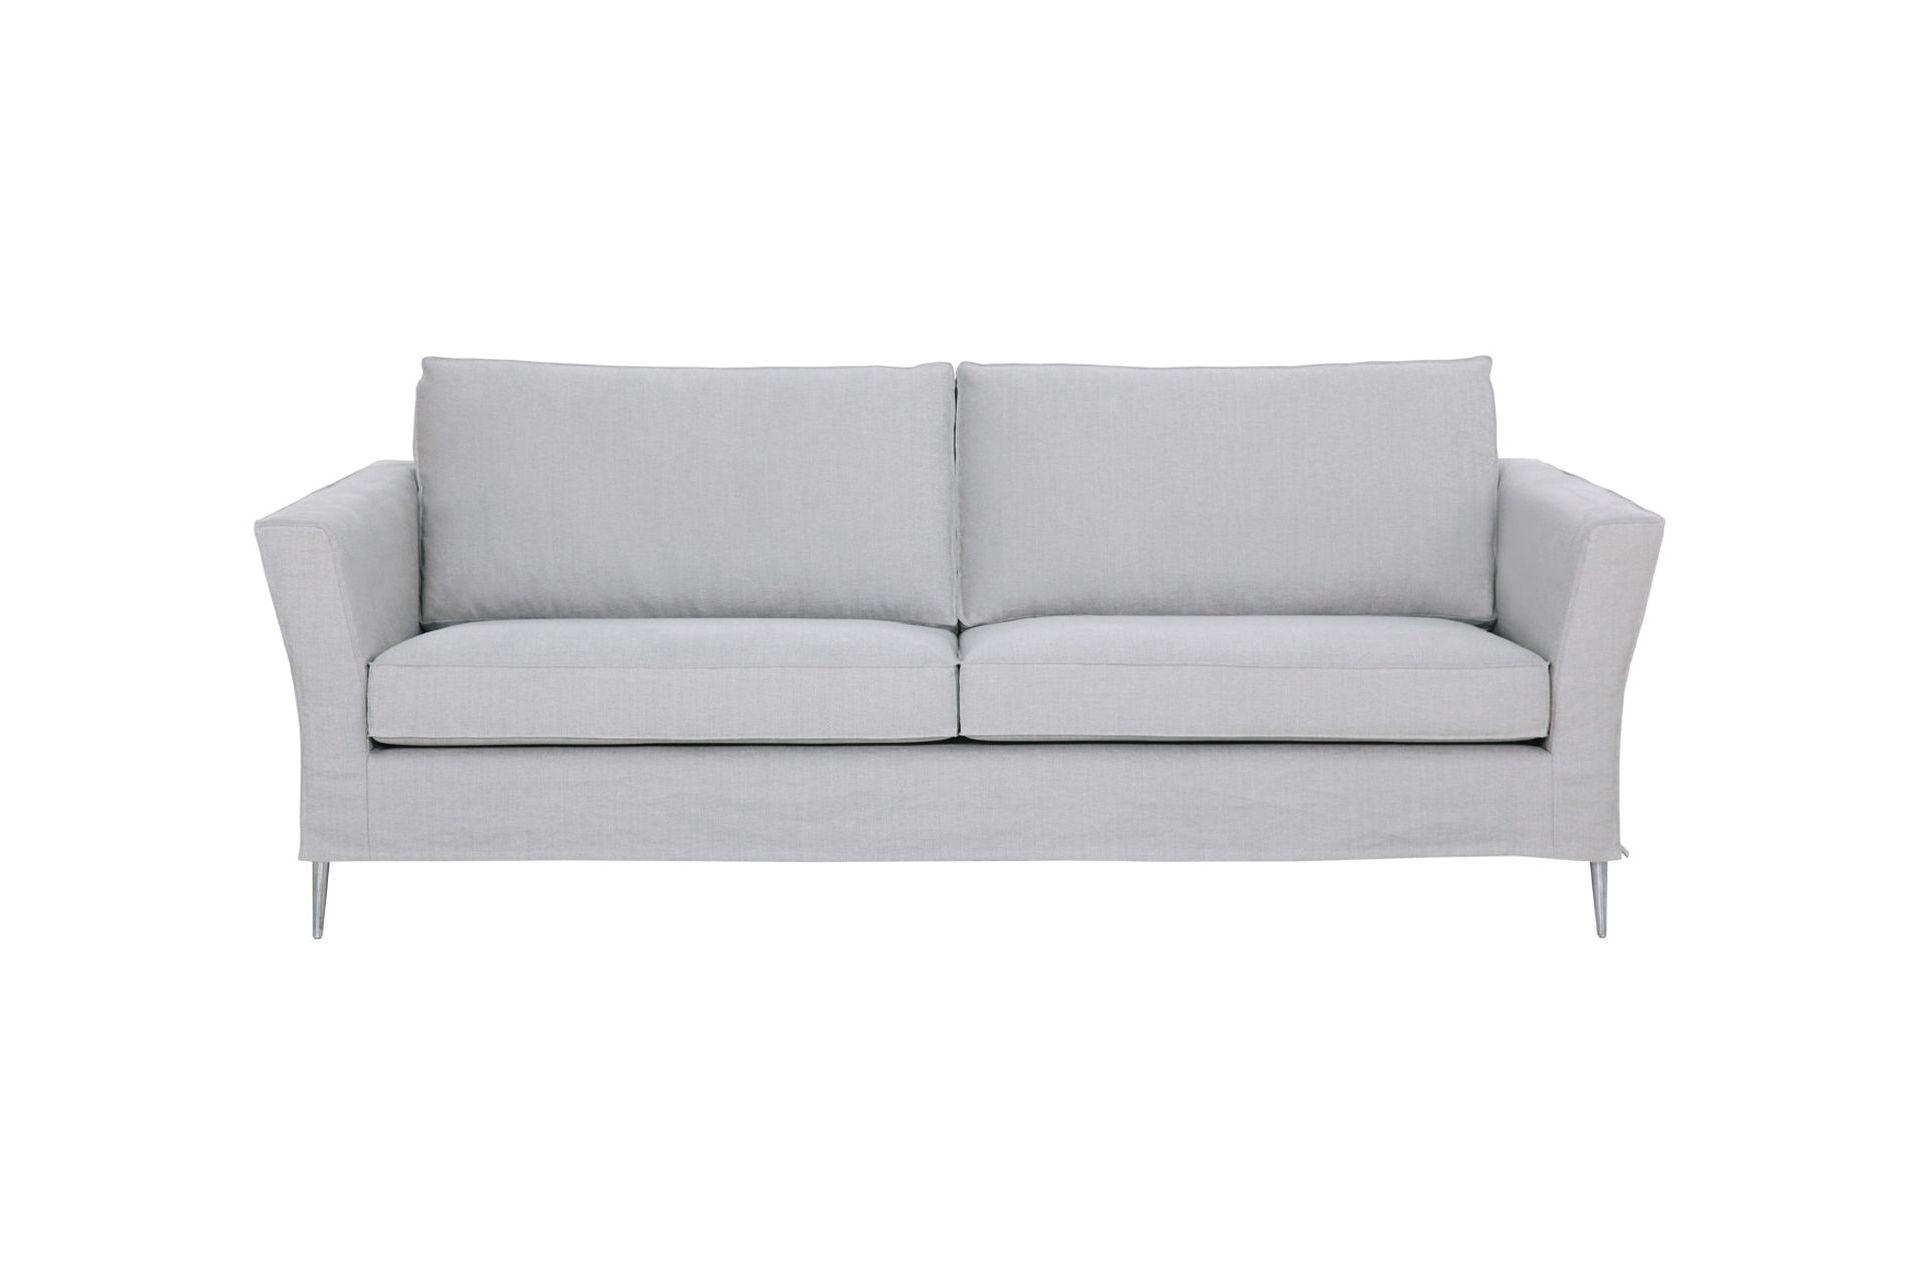 """Купить Диван """"caprice"""" (Sits) серый текстиль 210x85x92 см. 84986 в интернет магазине. Цены, фото, описания, характеристики, отзывы, обзоры"""